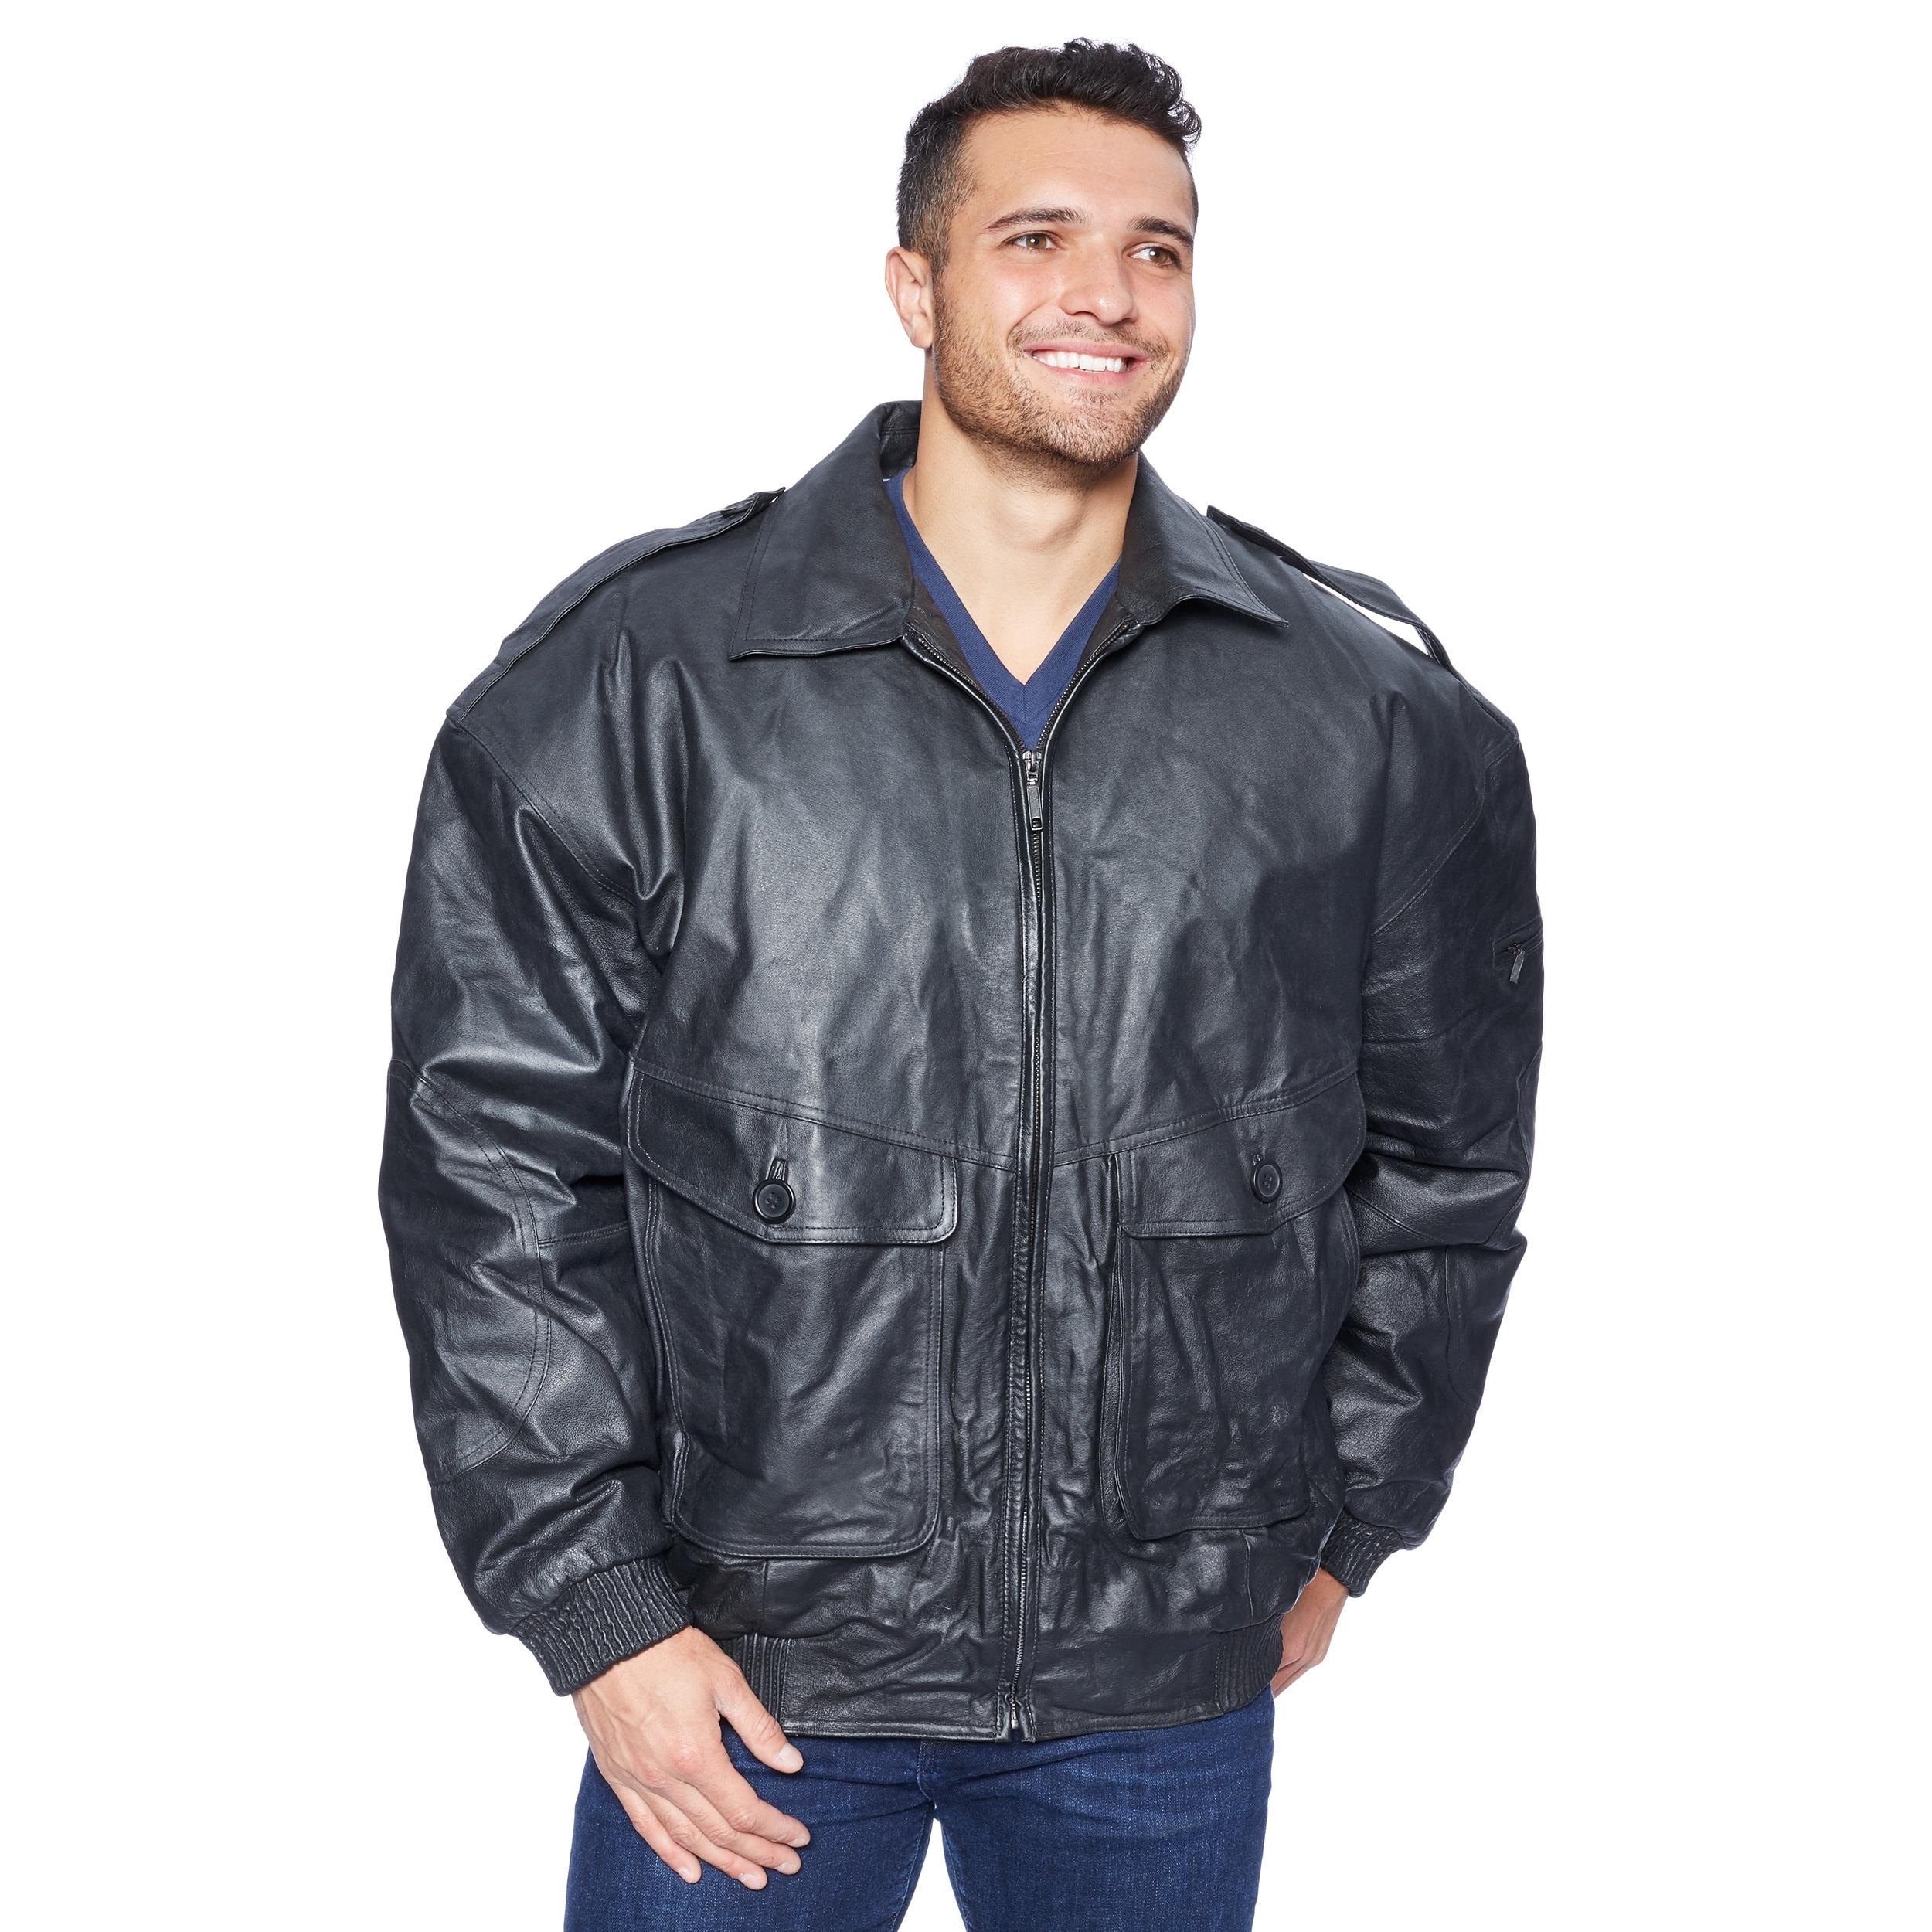 fcab01d9dda Shop Wilda Men's Big & Tall Black Leather Jacket - Free Shipping ...